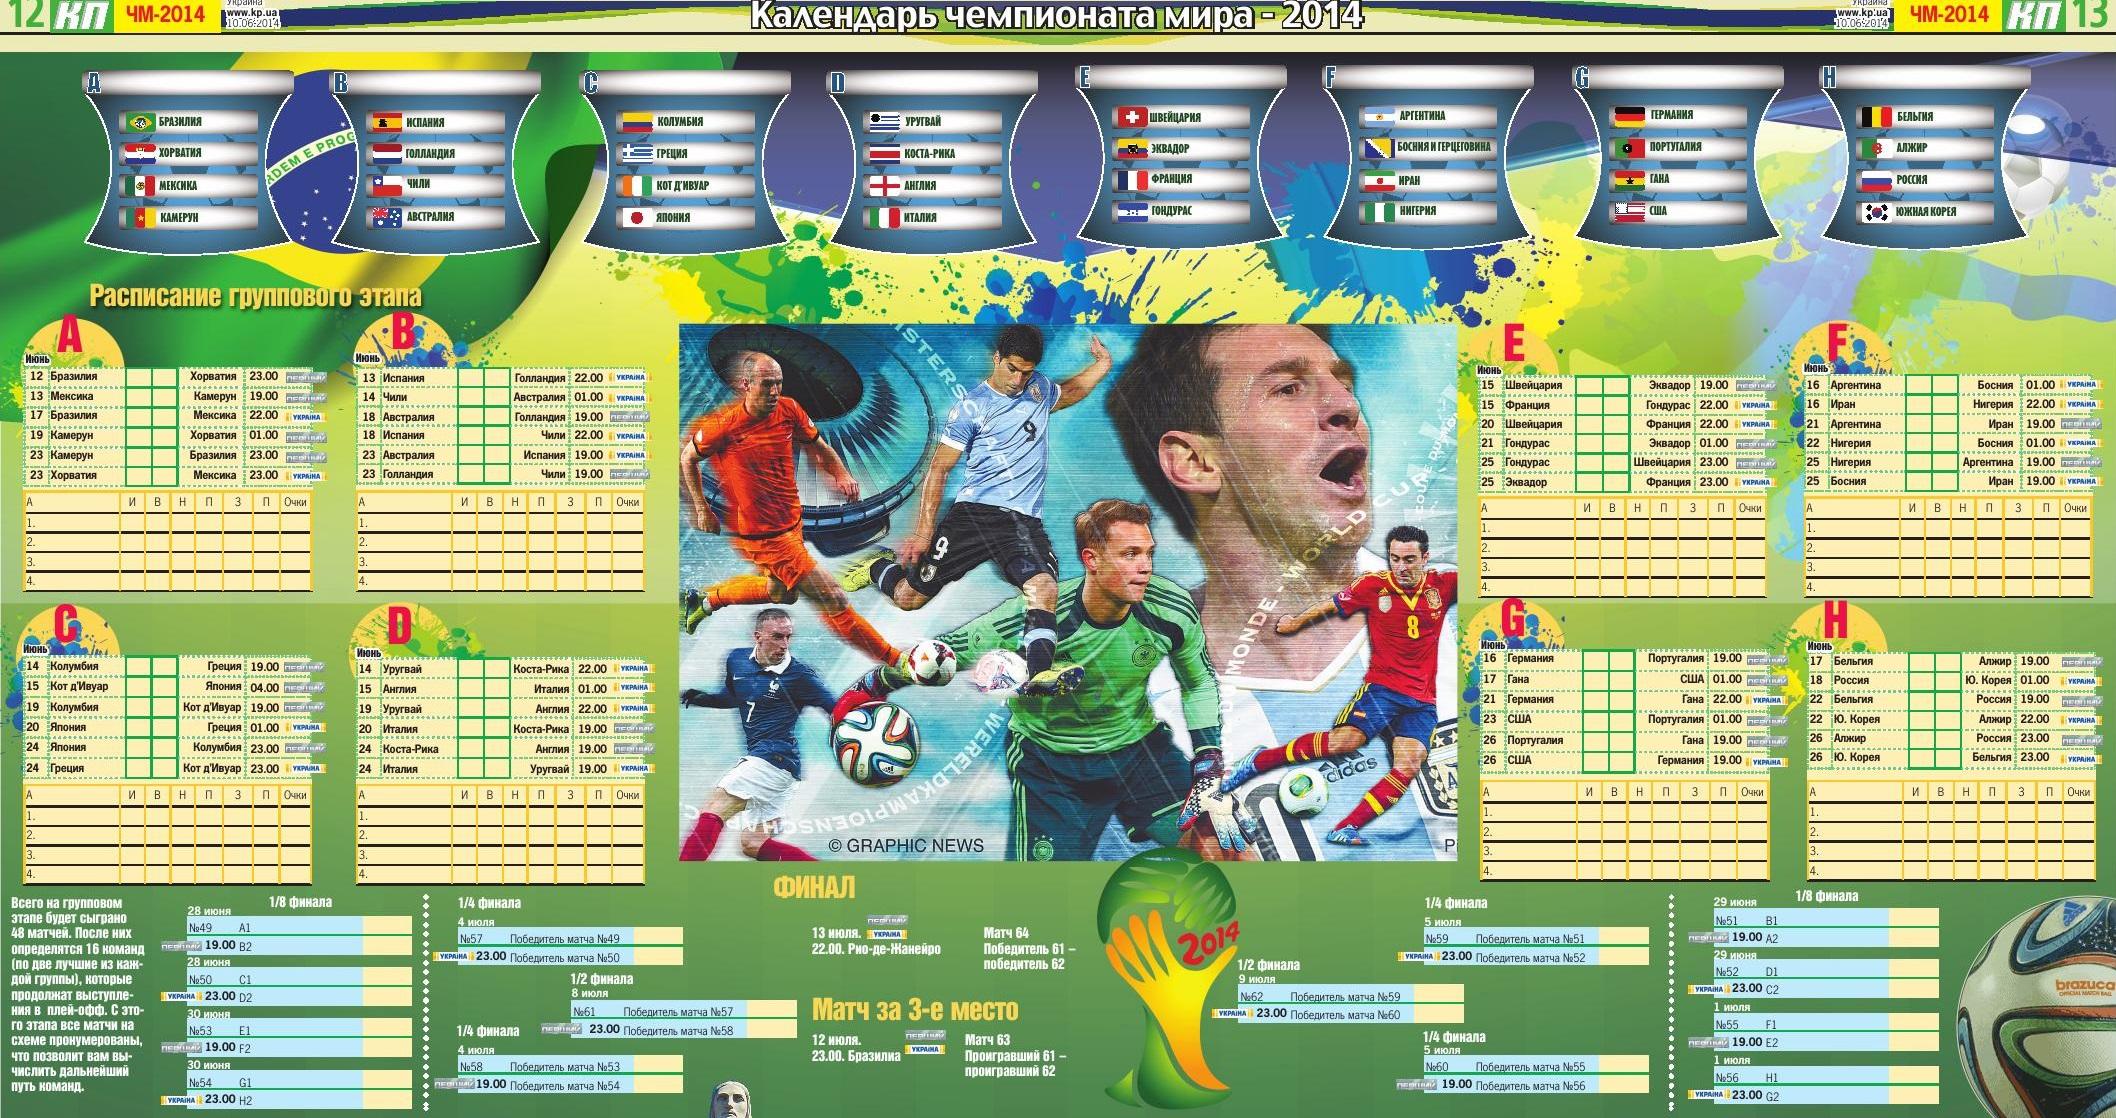 таблица чемпионата календарь